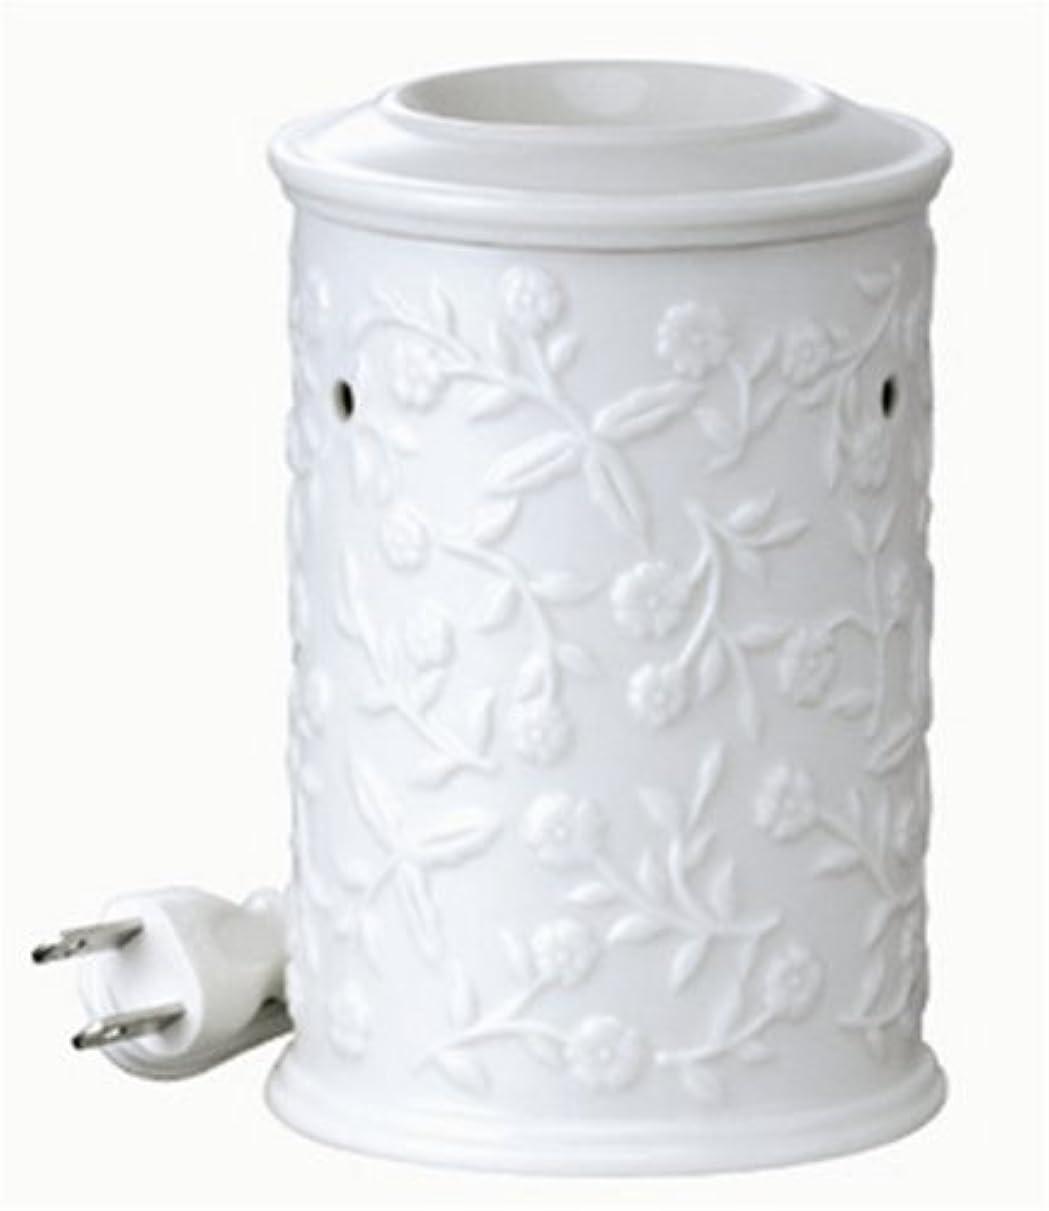 エスカレーター電圧ラッドヤードキップリングプリヴェイル アロマライト ホワイトフラワー